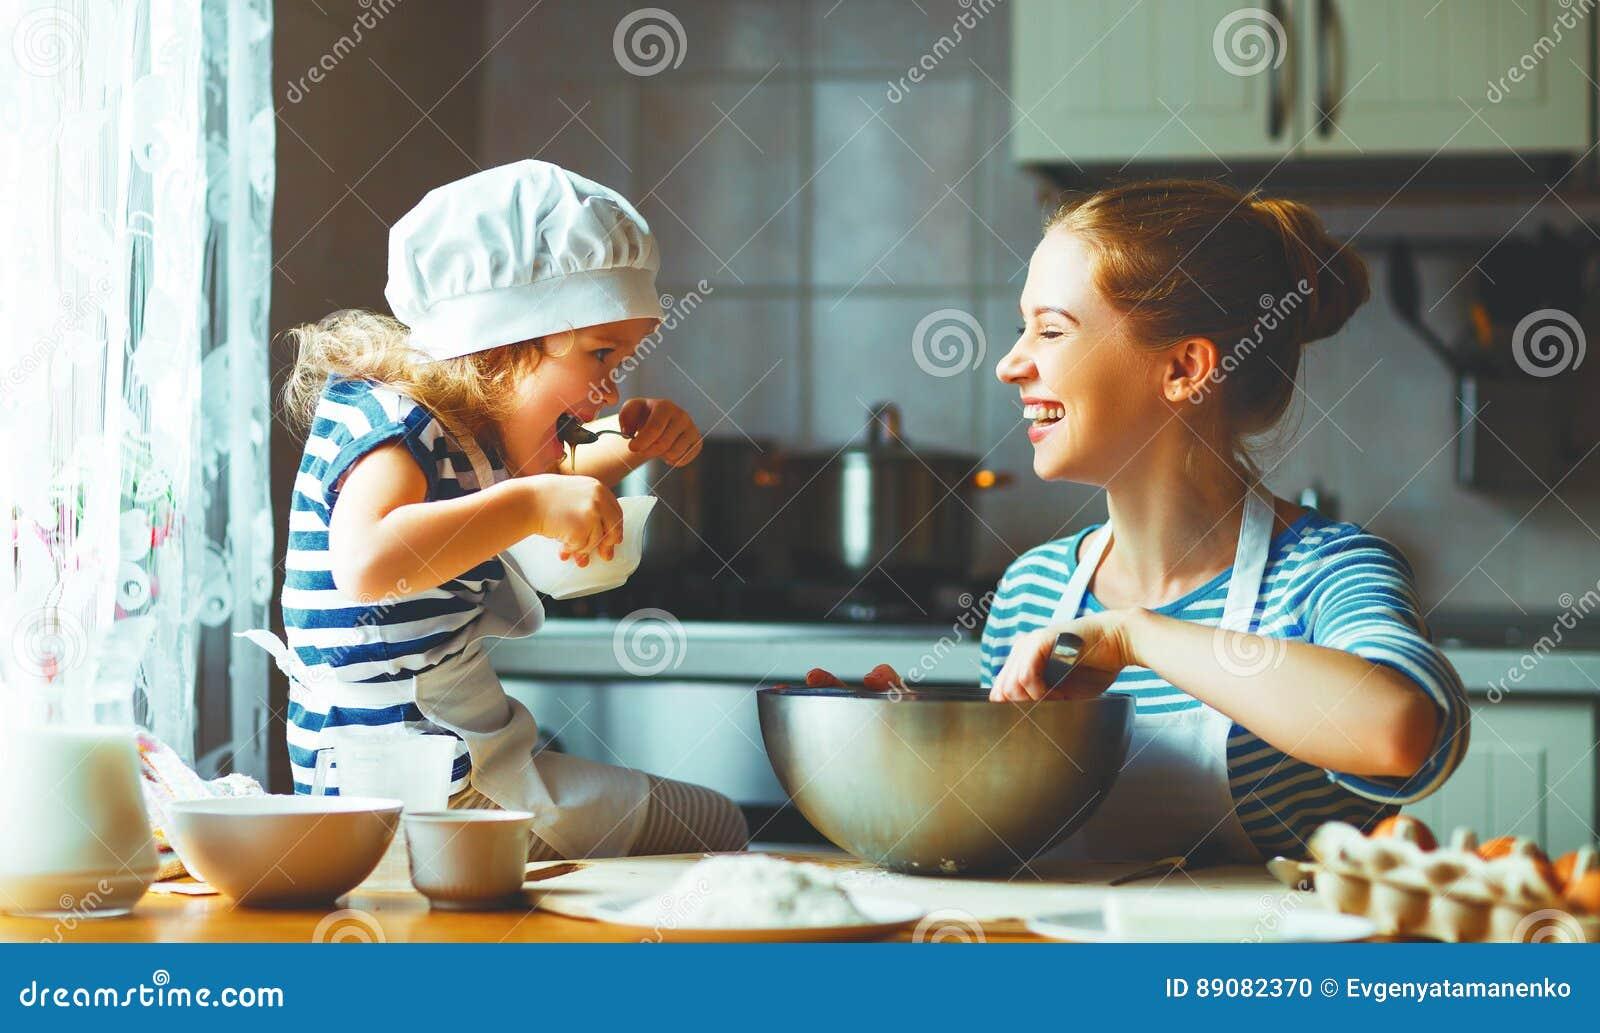 кухня семьи счастливая мать и ребенок подготавливая тесто, пекут